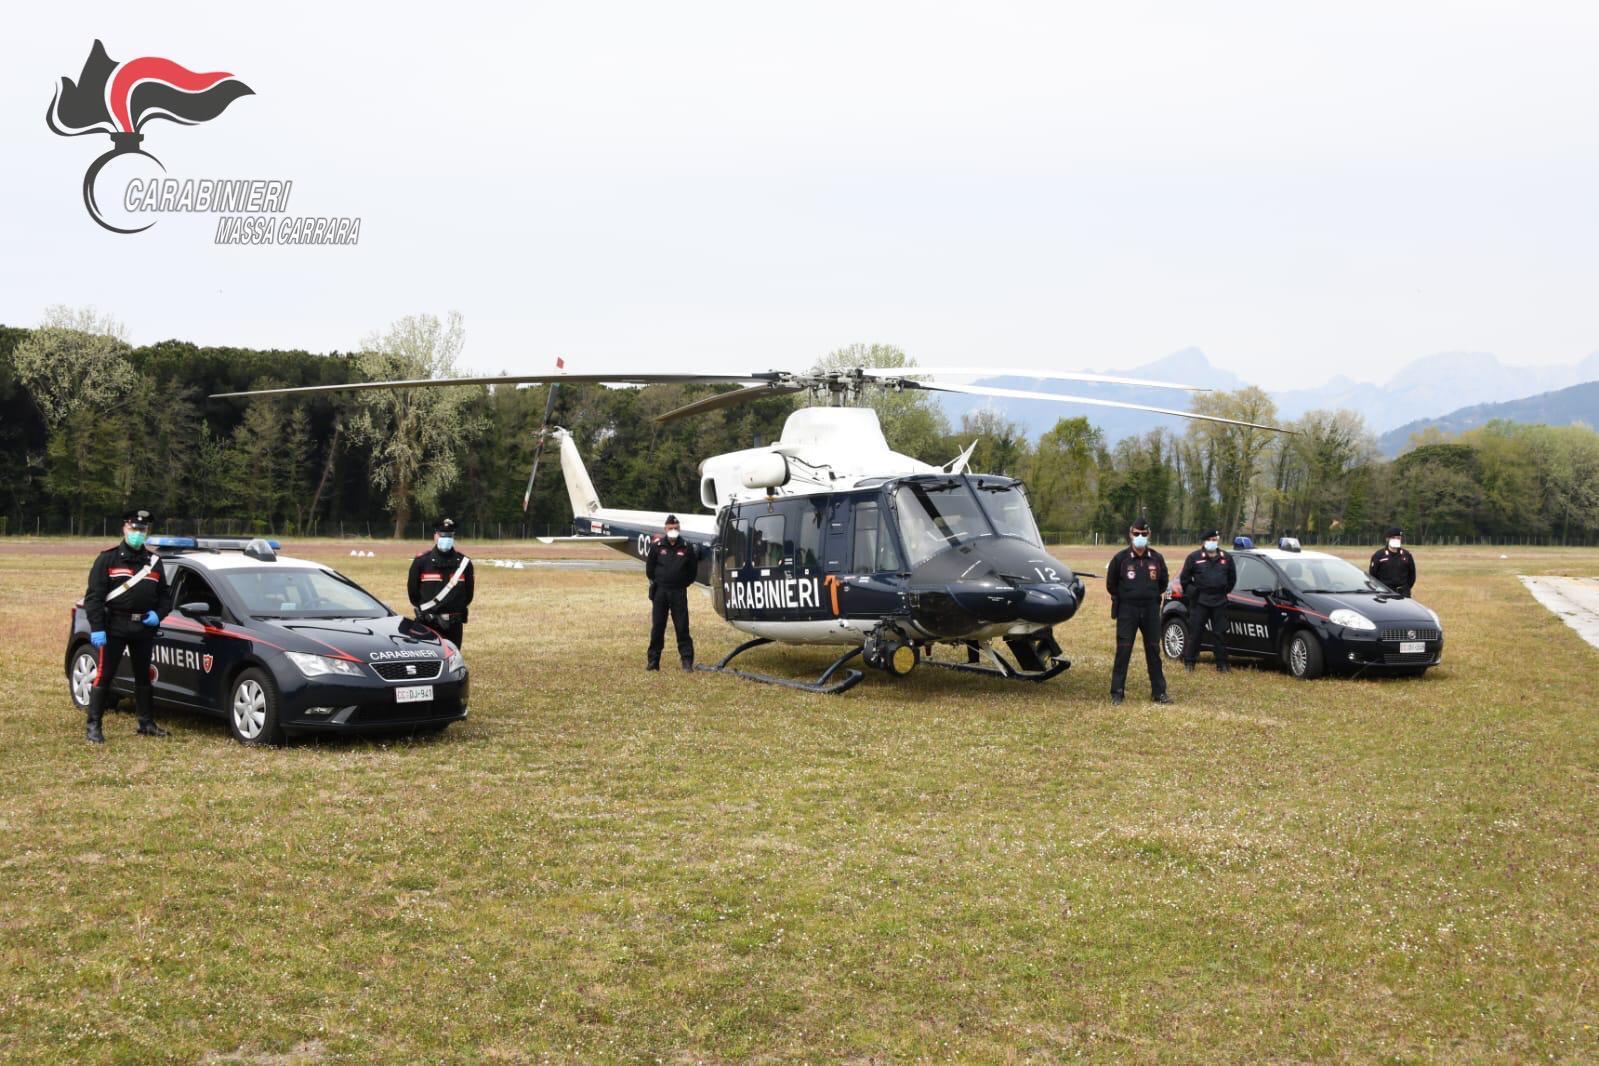 Controlli Covid 19, Carabinieri in azione anche nella fase 2